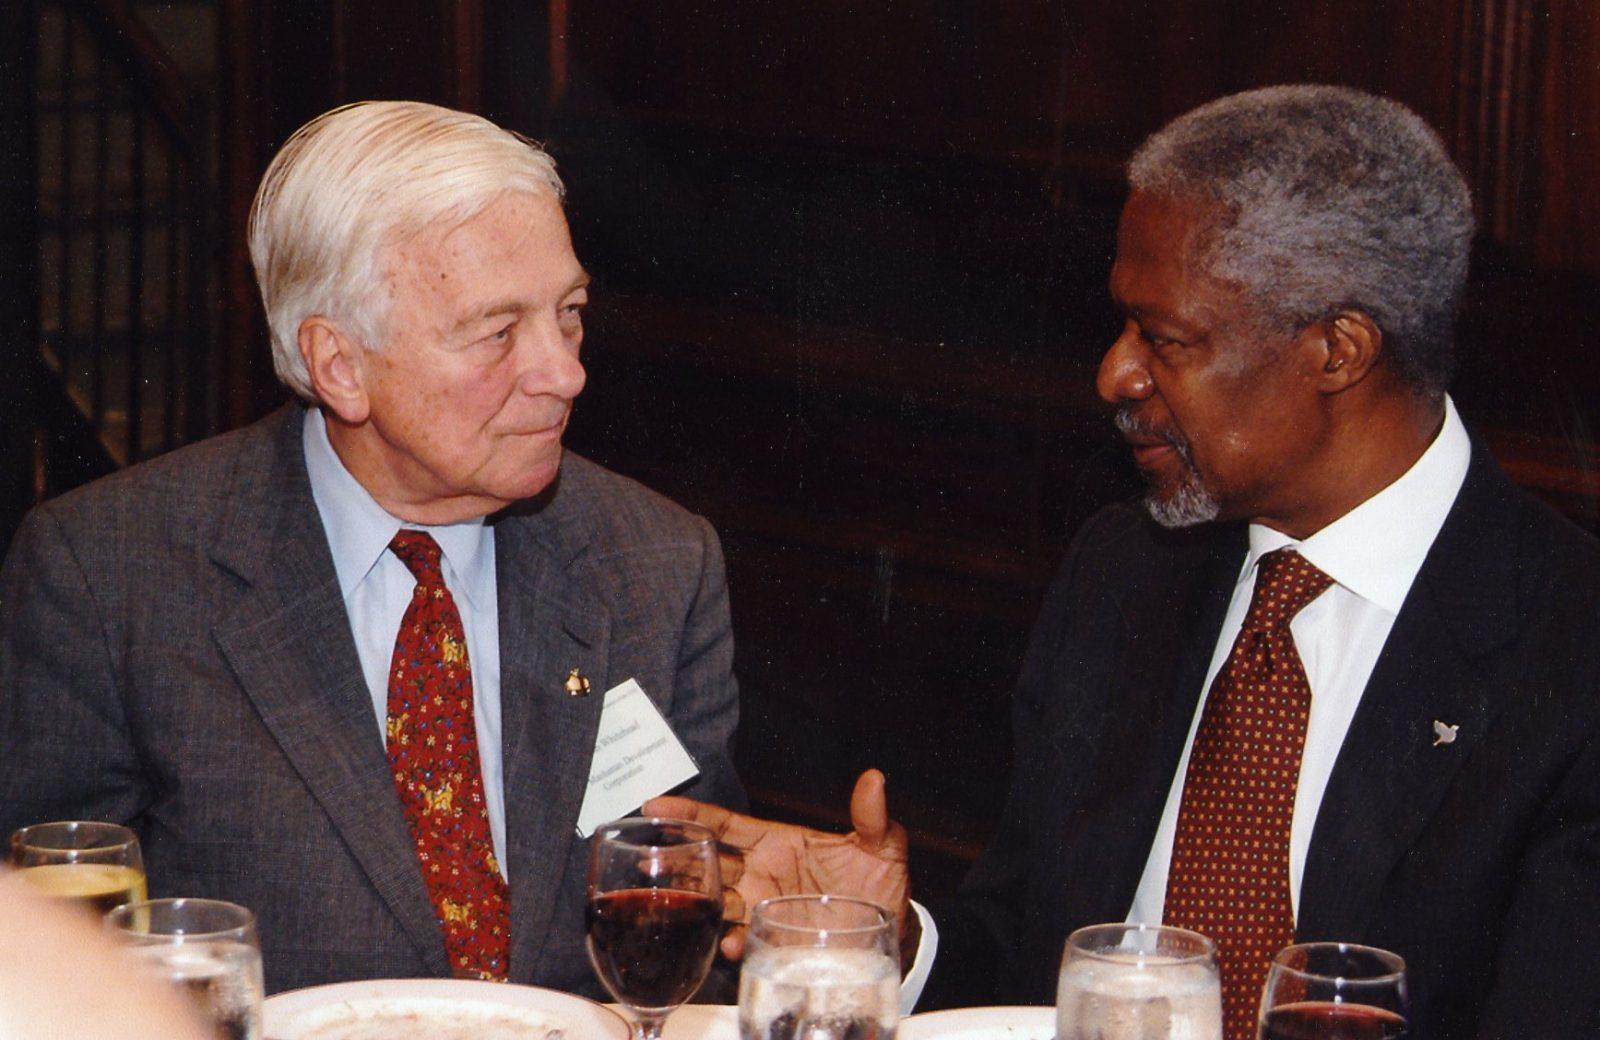 John C. Whitehead and Kofi Annan